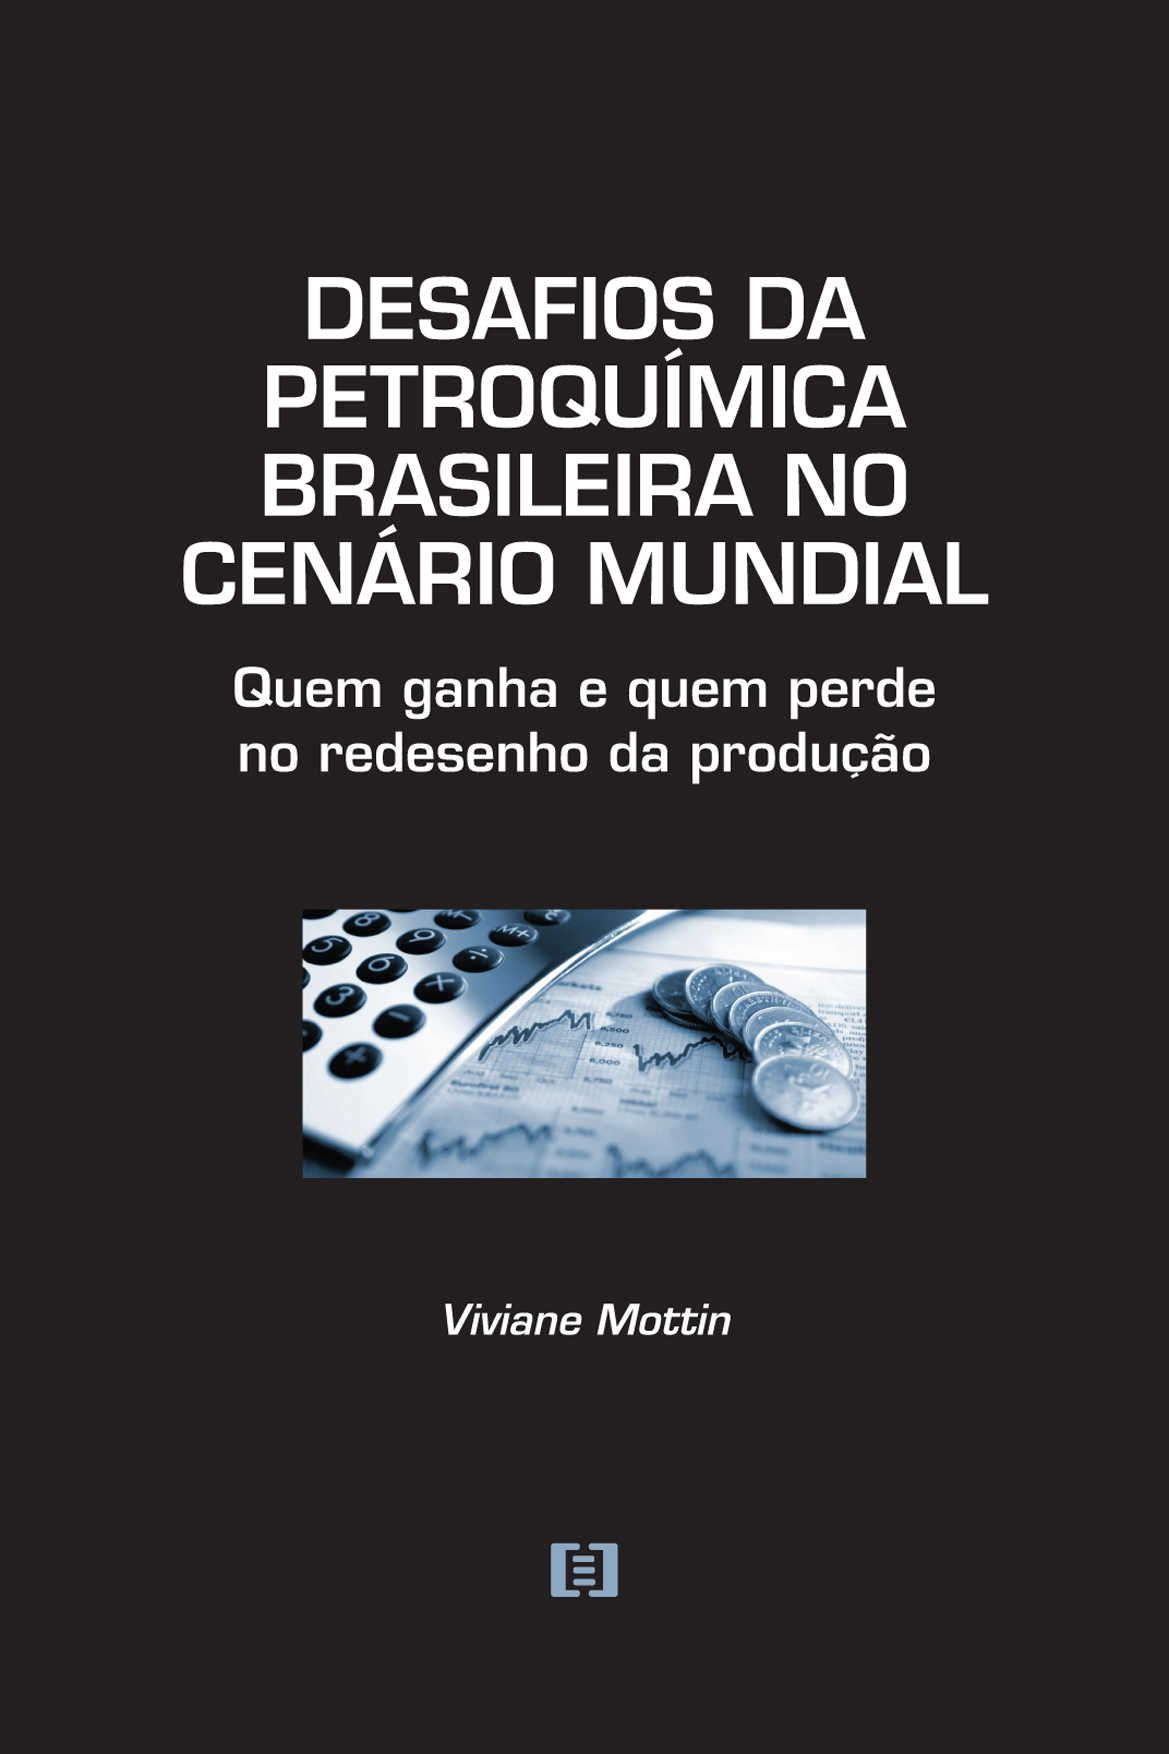 Desafios da petroquímica brasileira no cenário mundial: Quem ganha e quem perde no redesenho da produção